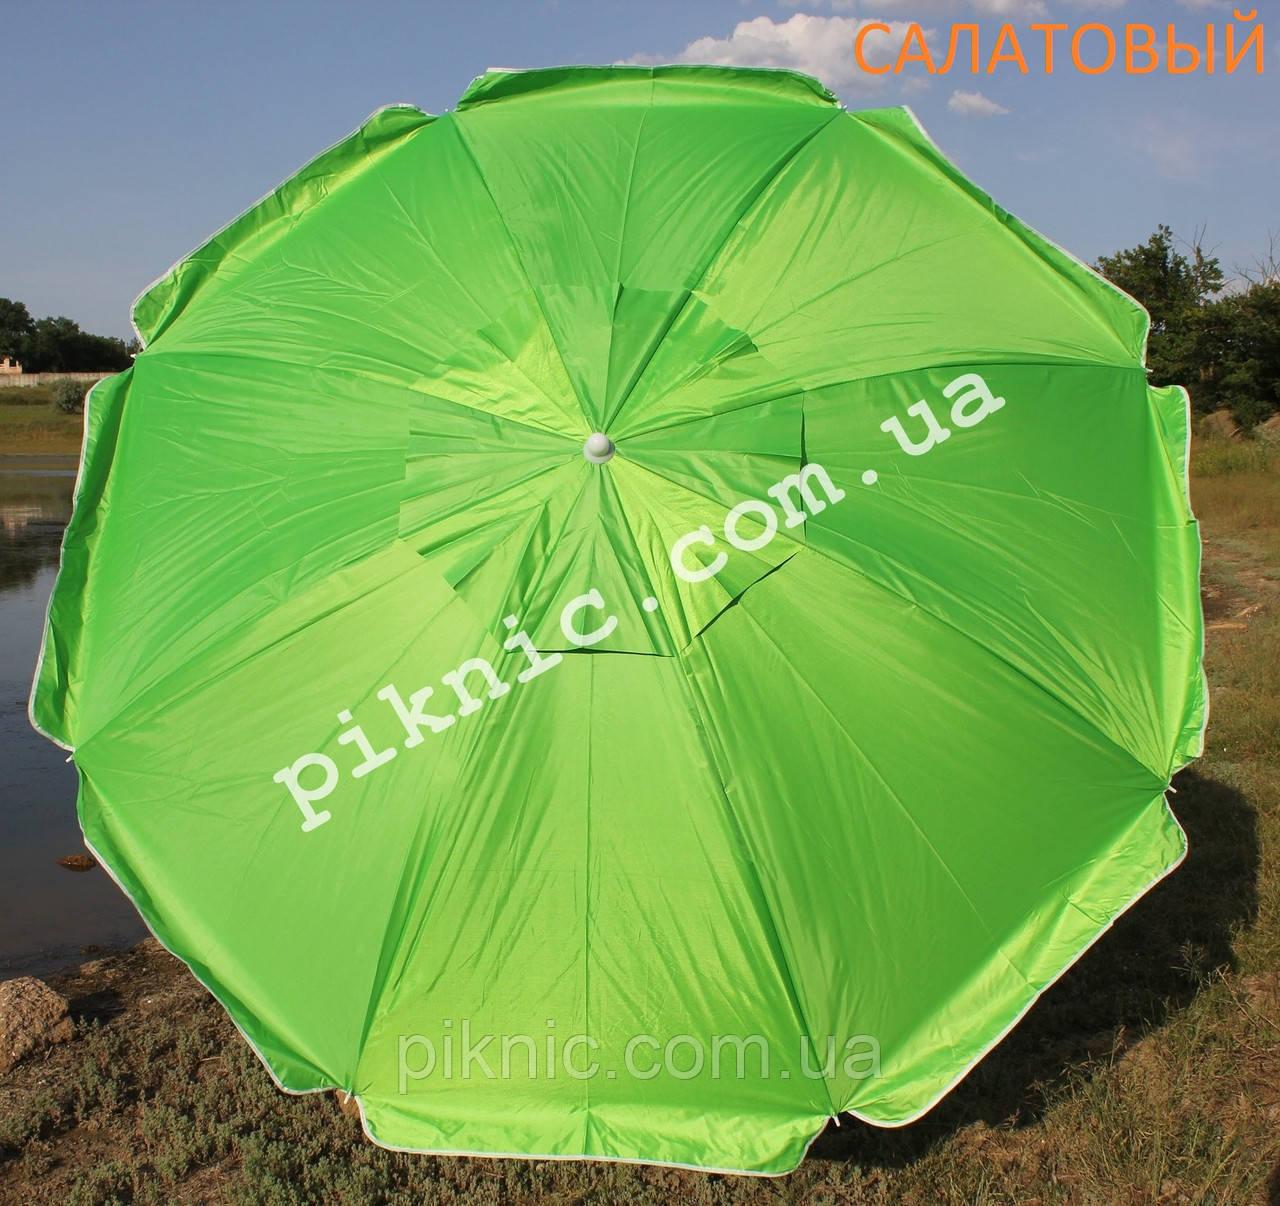 Зонт пляжный Усиленный 2 м Клапан + Наклон + Напыление. Для пляжа, от солнца. Спицы ромашка. Салатовый